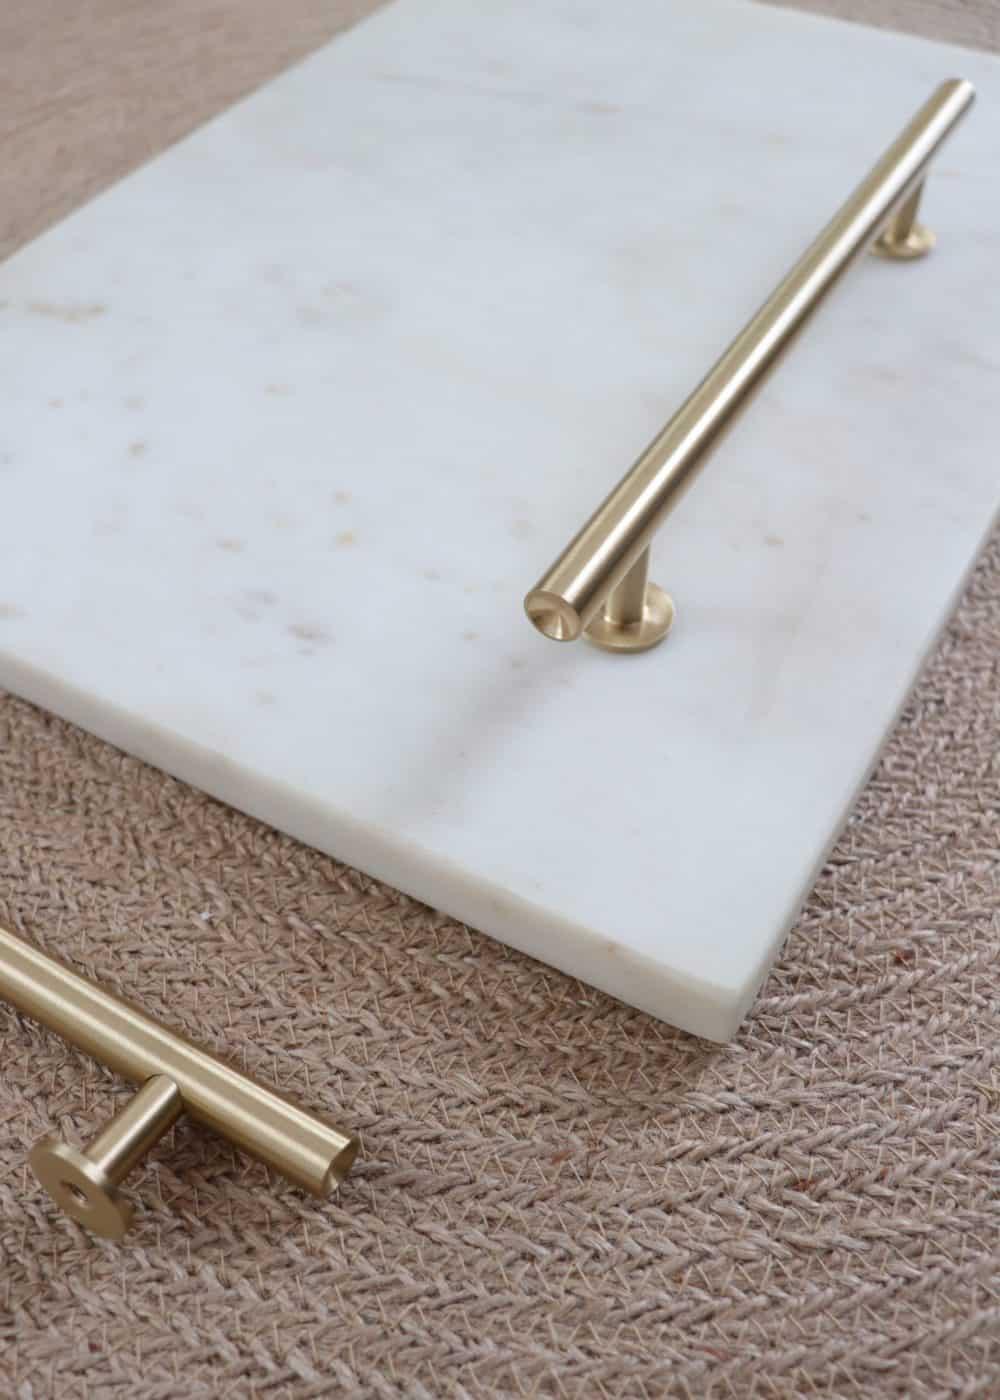 Mosiężny uchwyt meblowy, złoty uchwyt meblowy Lidia XL